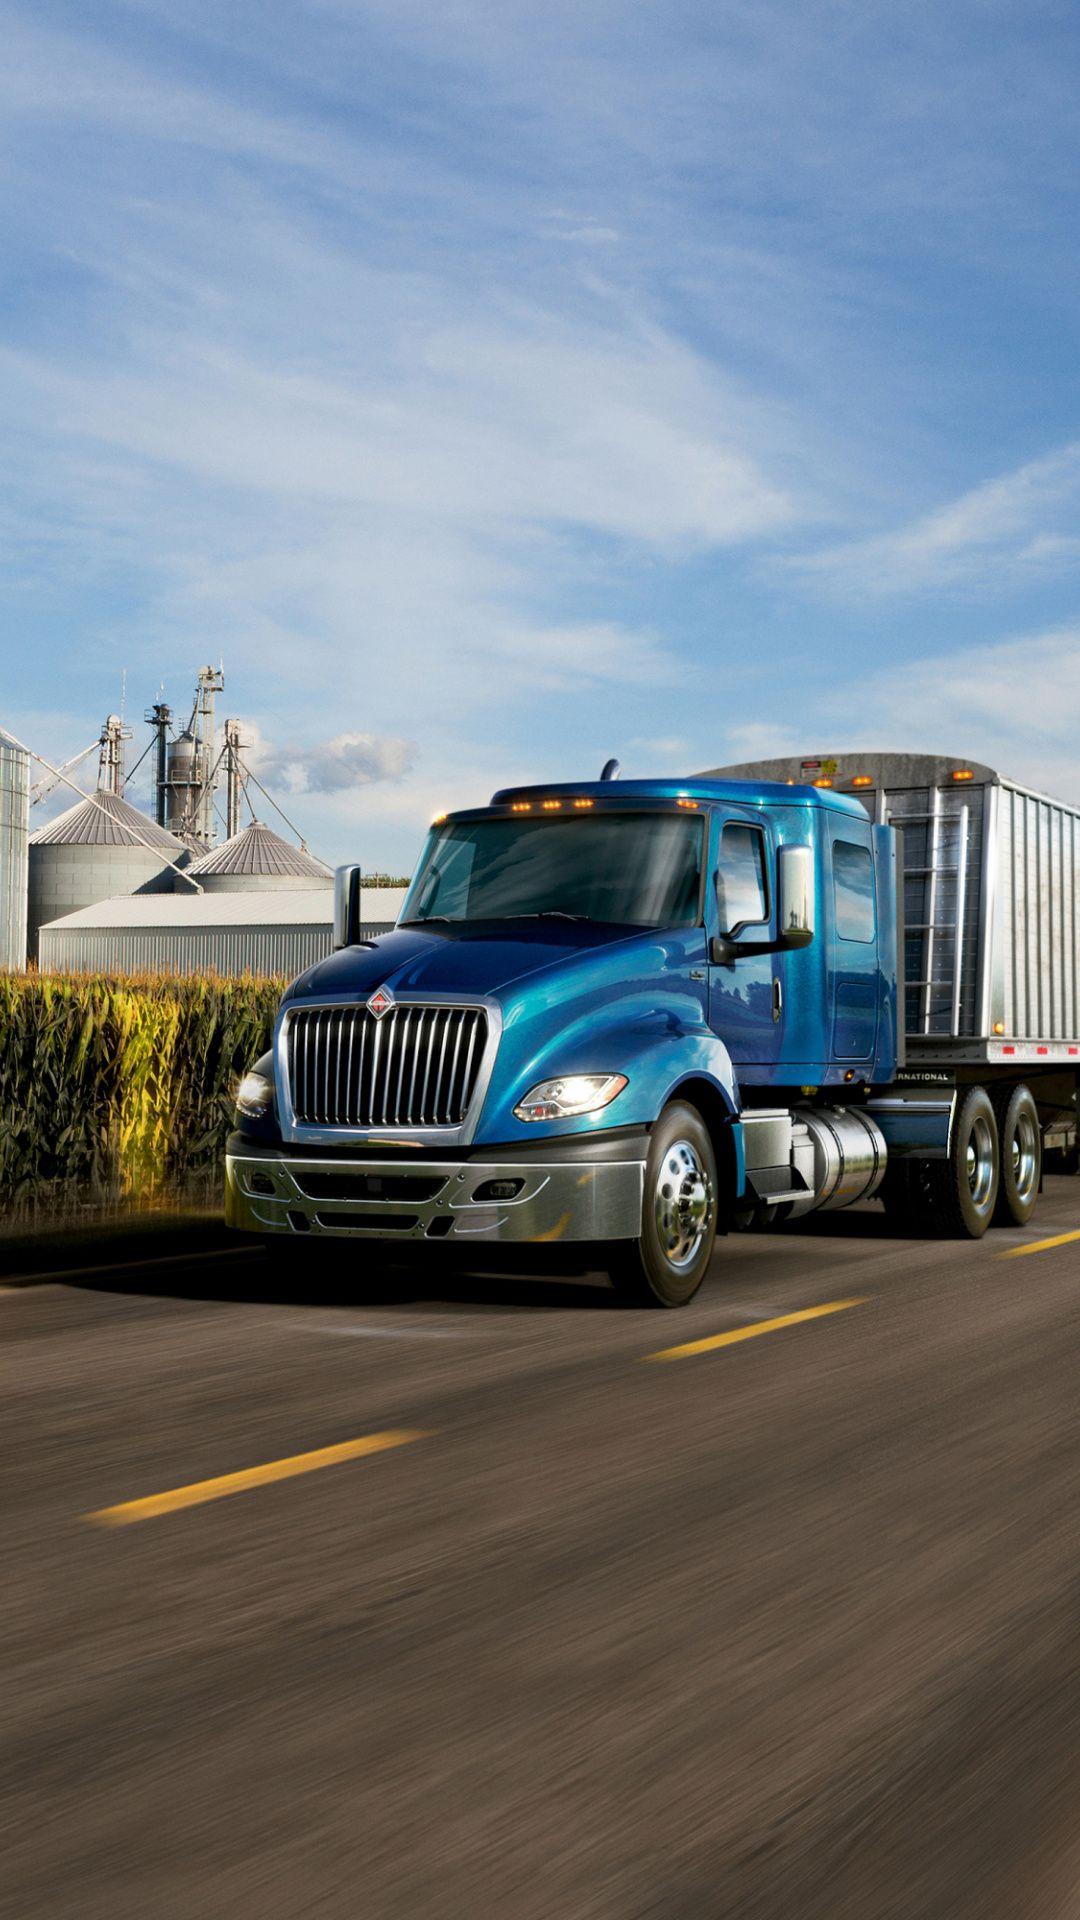 On Road Blue Truck 1080x1920 Wallpaper Trucks Car Wallpapers Blue Dump truck wallpapers cars wallpapers hd